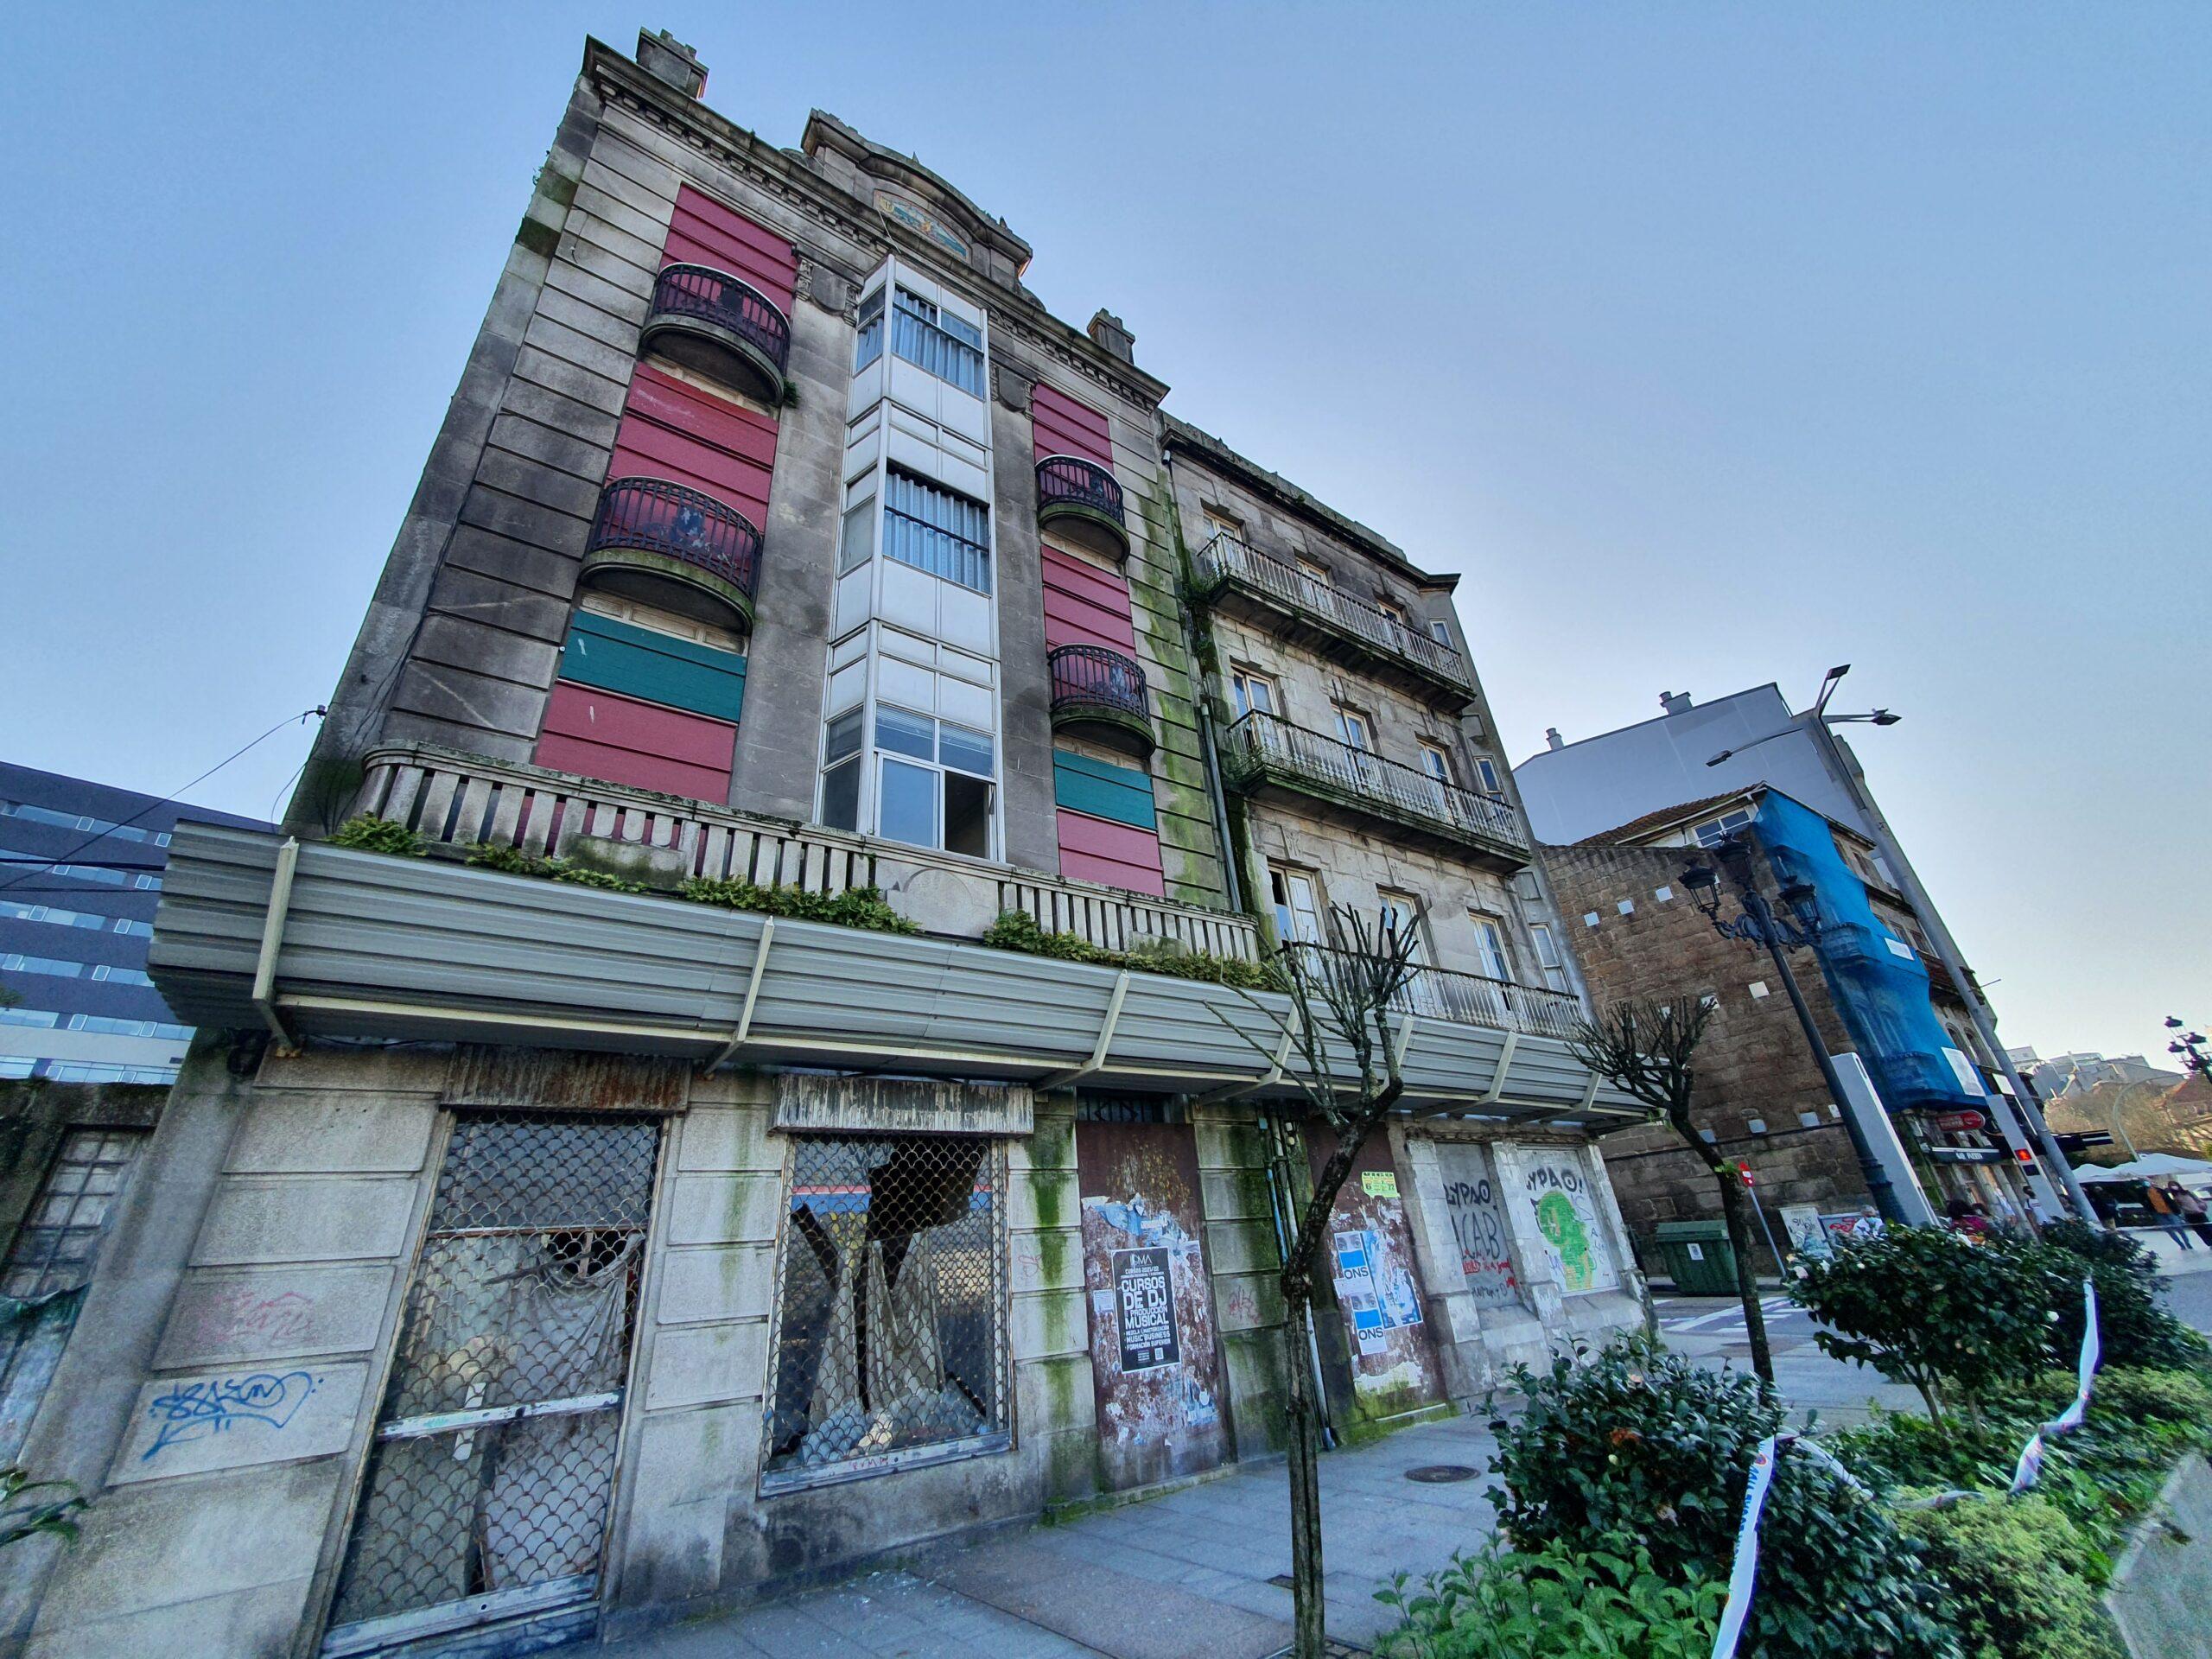 Inmueble en ruinas en el centro de Vigo/vigoalminuto.com